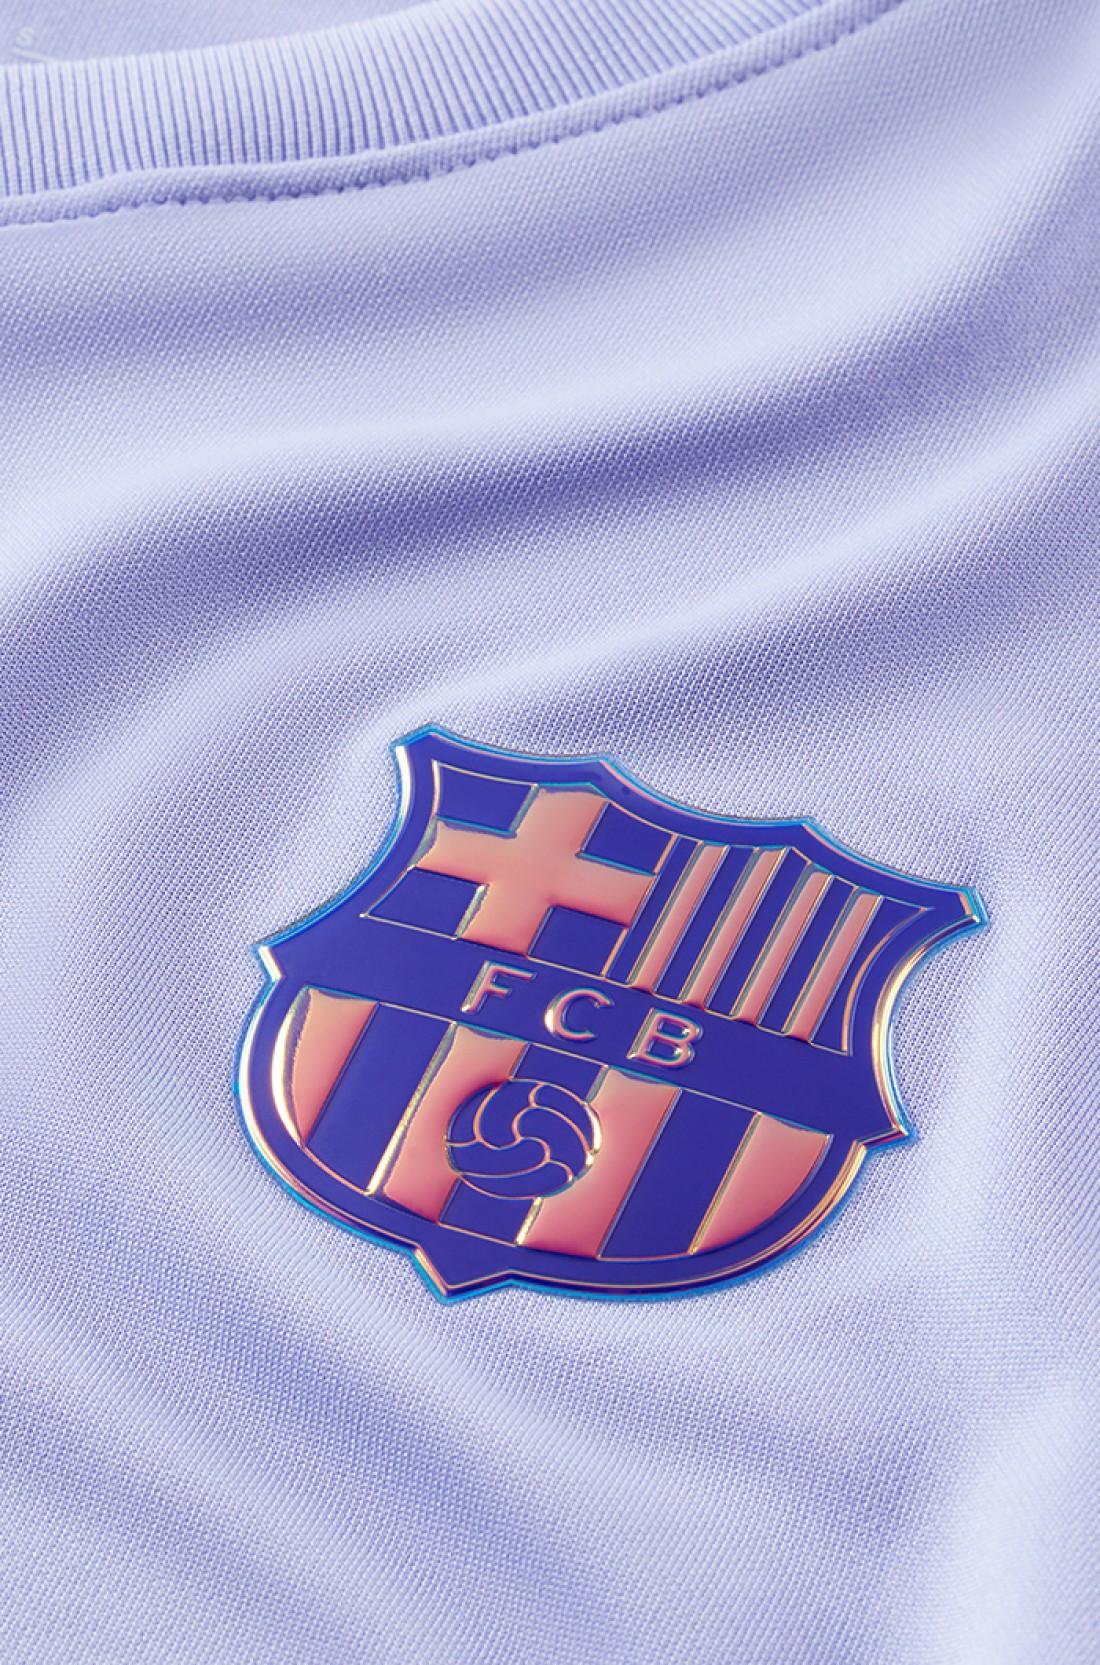 Барселона представила новую гостевую форму